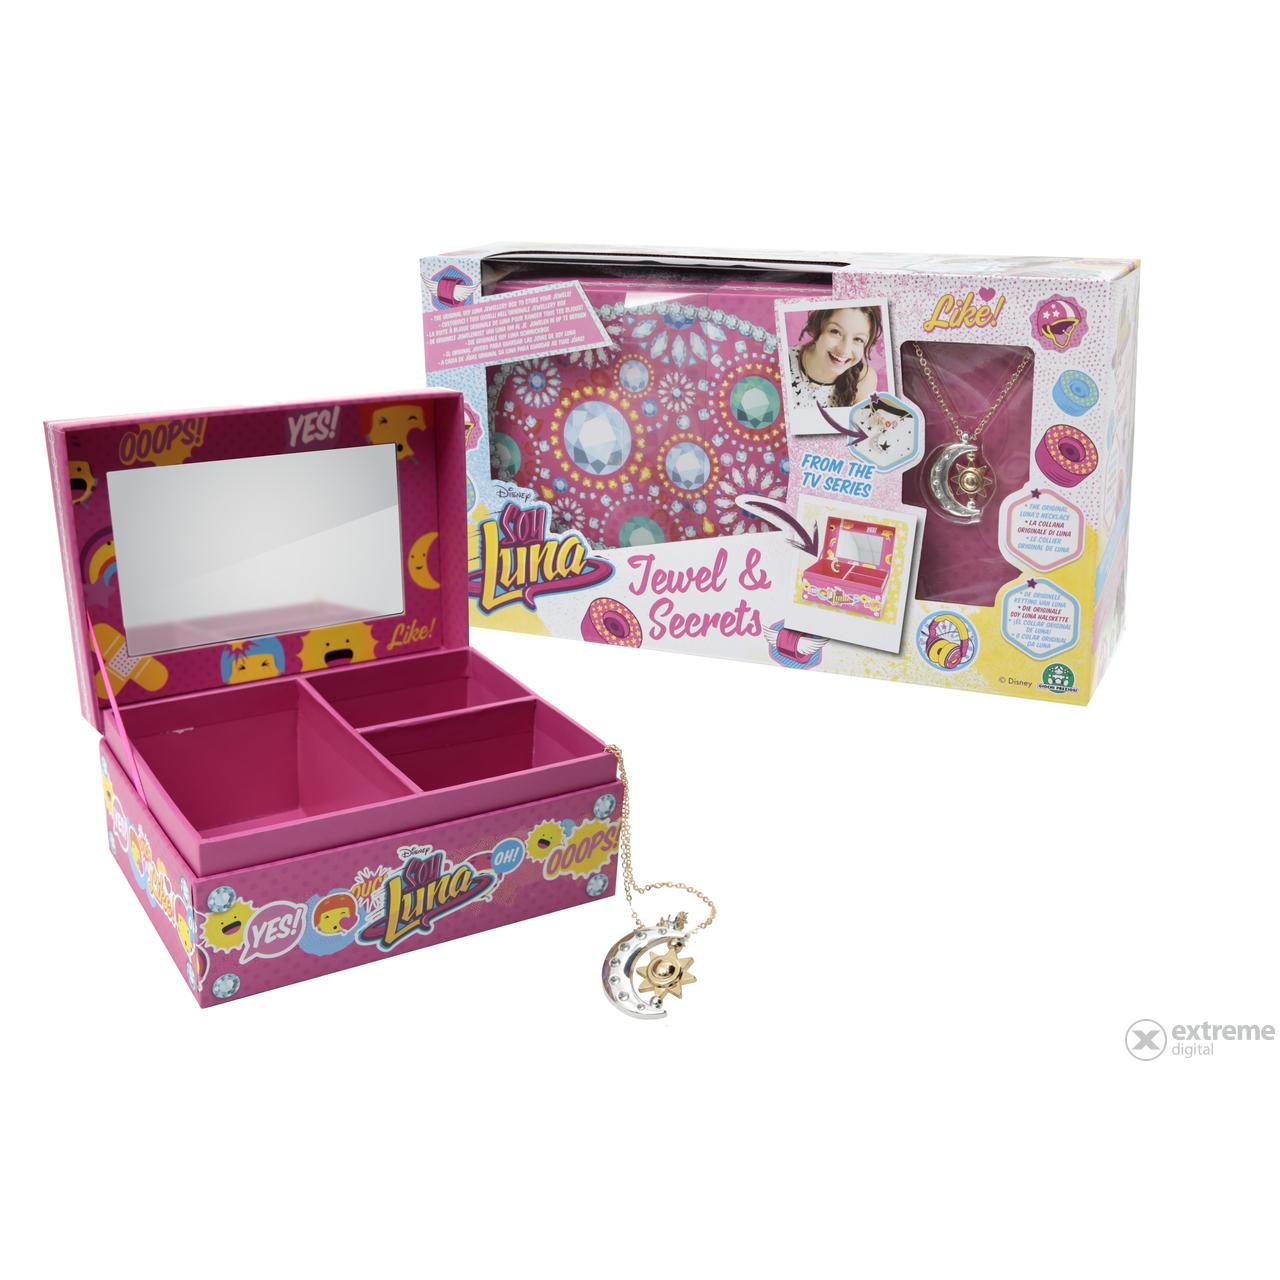 Cutie Pentru Bijuterii Soy Luna Cu Medalion Luna